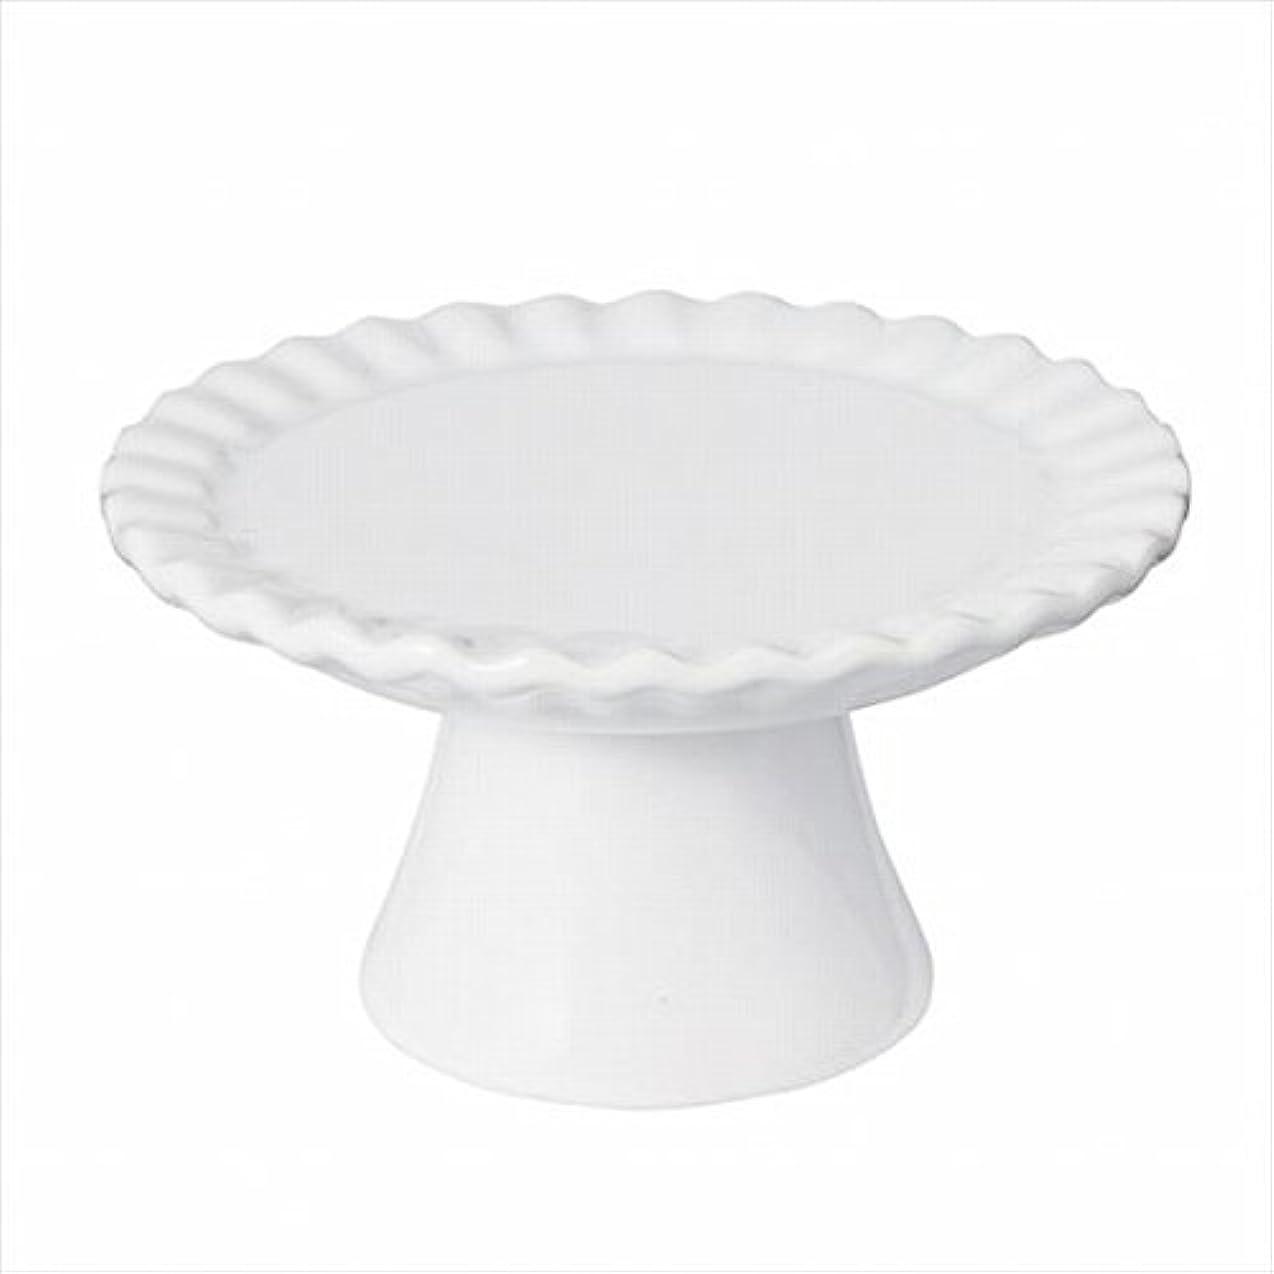 スイーツキャンドル( sweets candle ) ドルチェコンポート 「 ホワイト 」